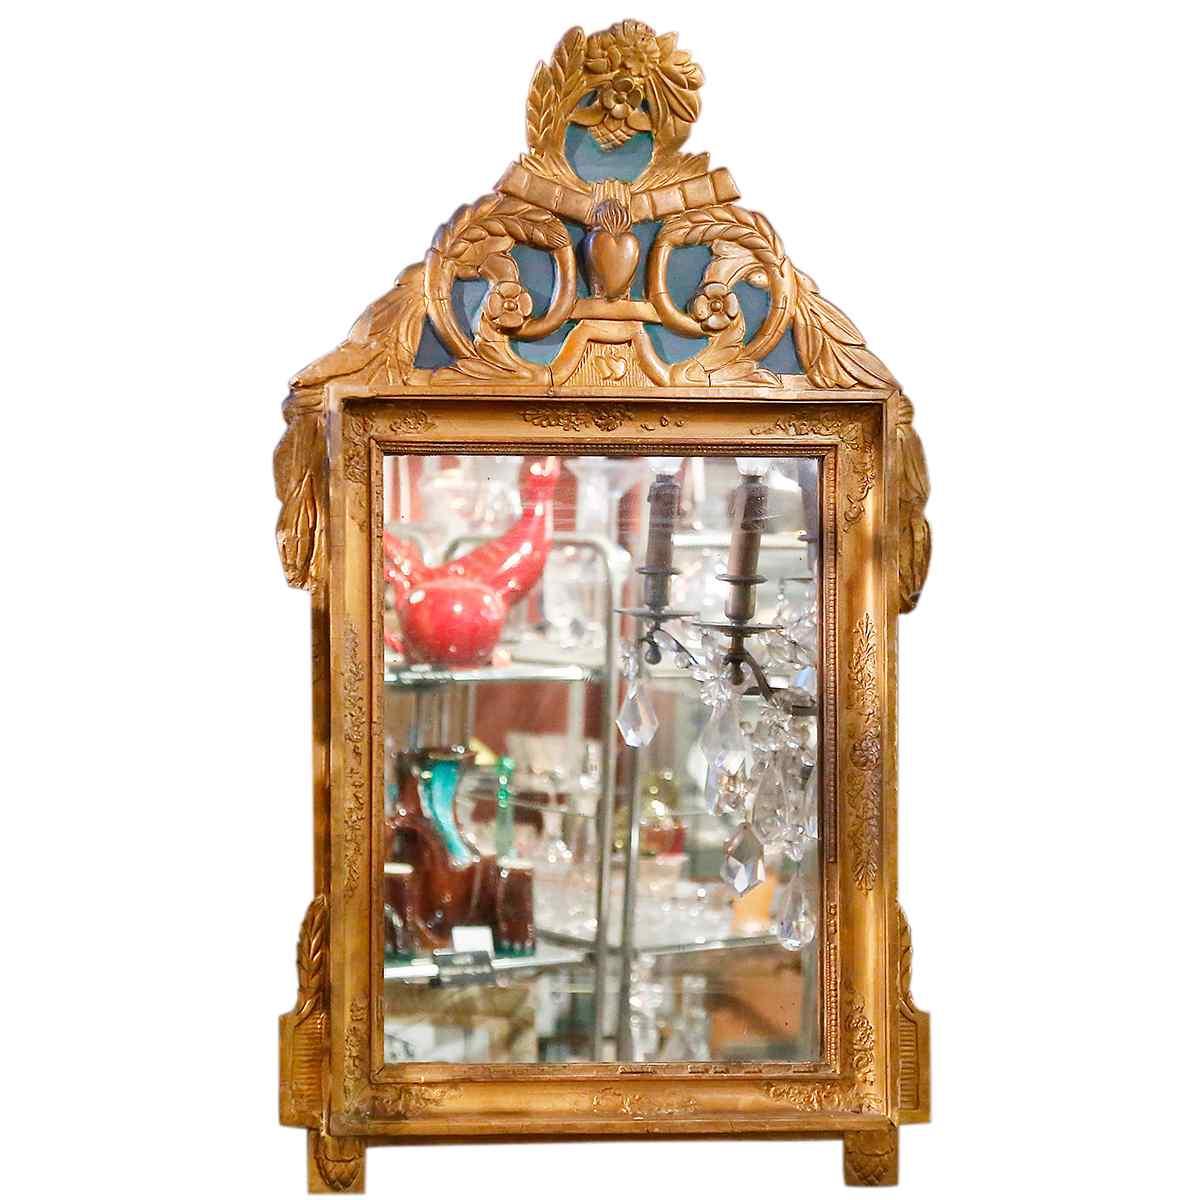 Miroir en bois dor sculpt xix me anticswiss - Rosace en bois sculpte ...